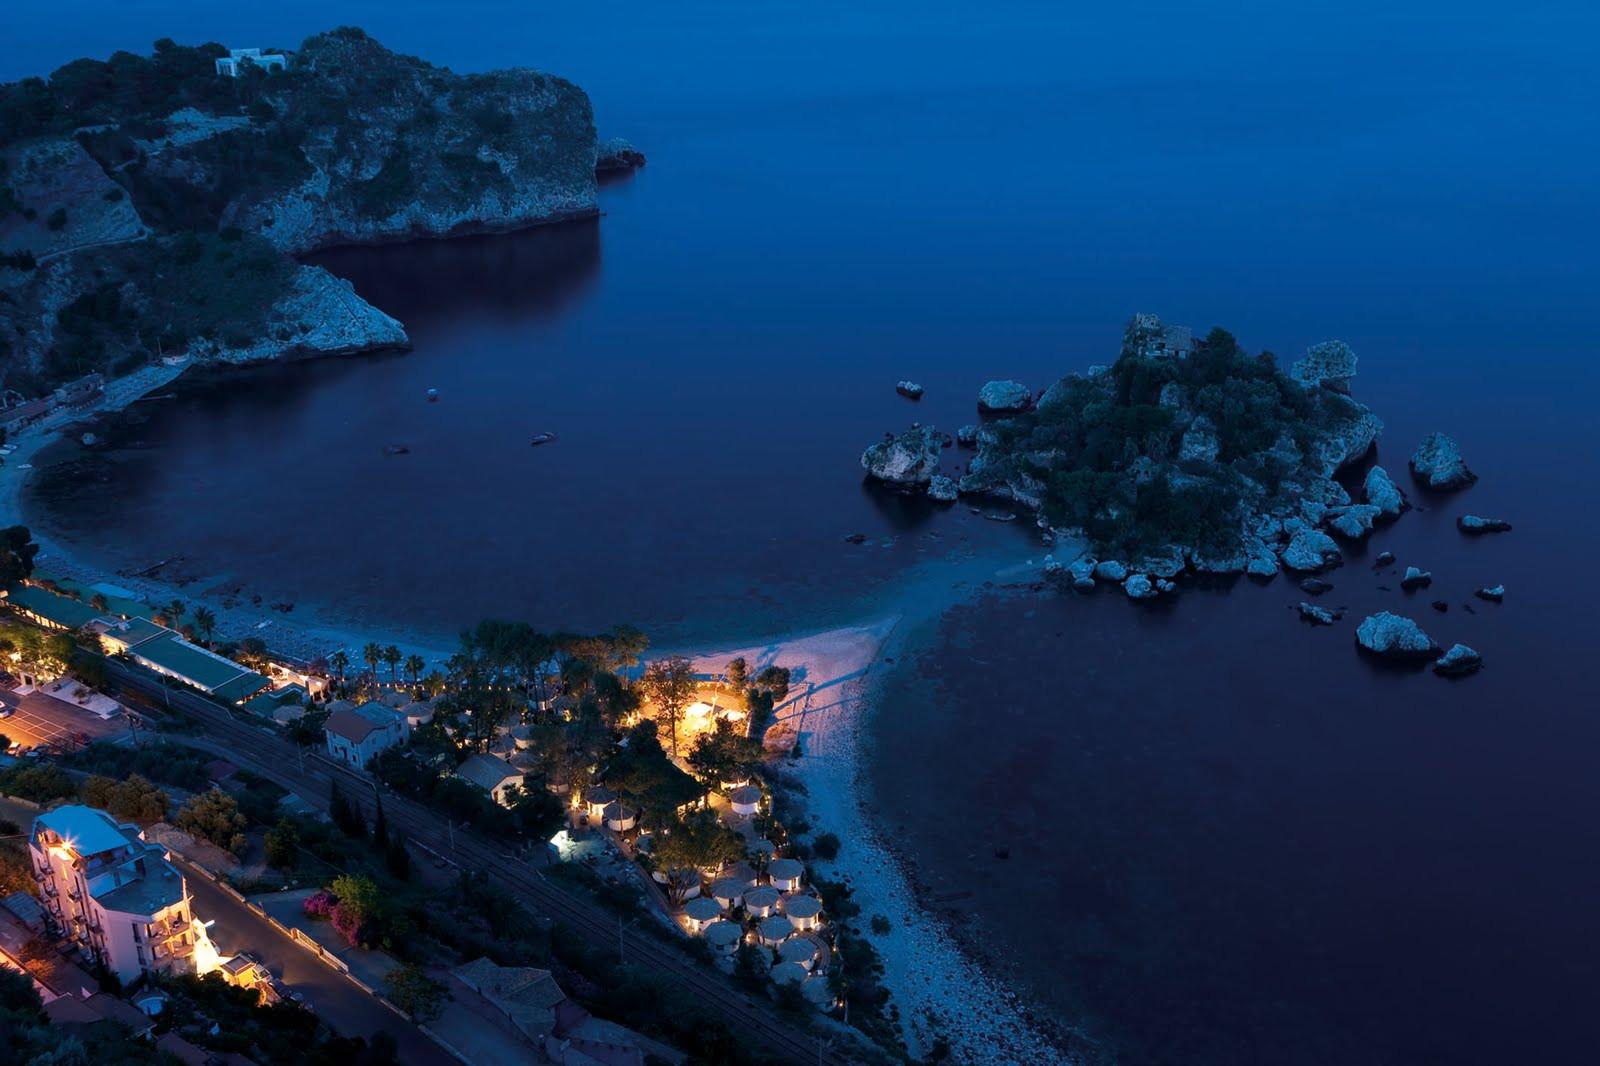 Giardini Naxos Isola Bella